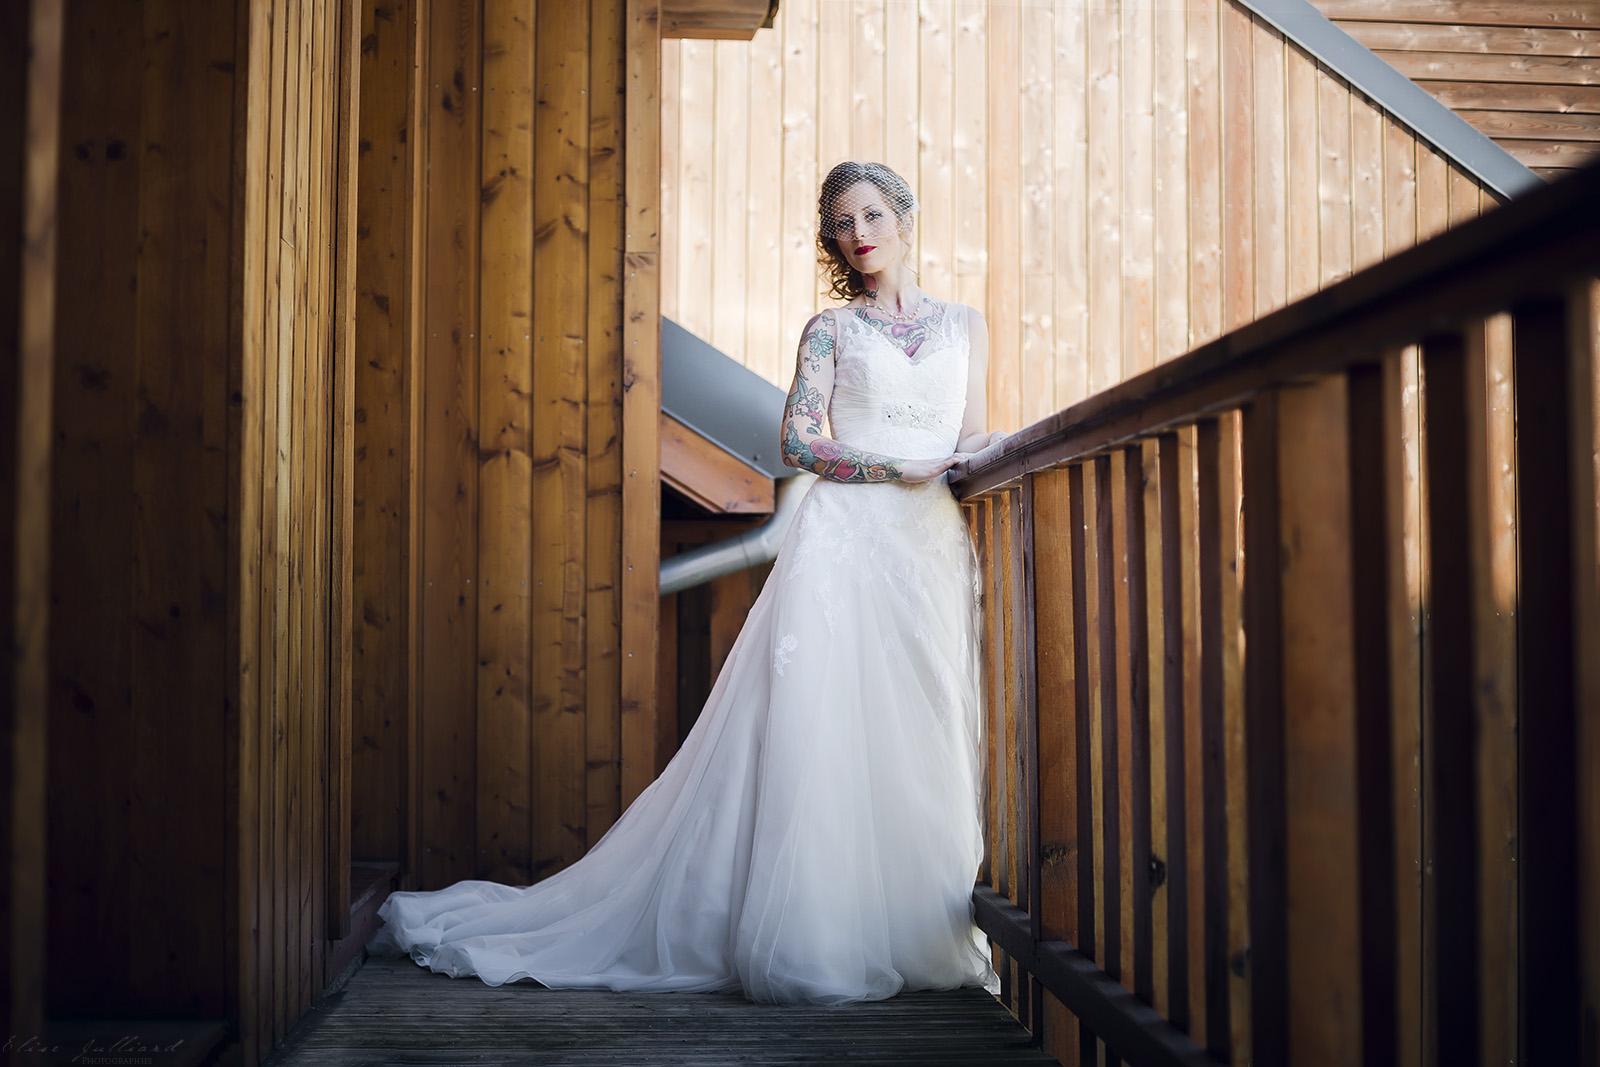 mariage-preparatifs-robe-mariee-couple-amour-amoureux-wedding-photographe-elise-julliard-lyon-auvergne-rhone-alpes-savoie-saint-francois-longchamp-maurienne